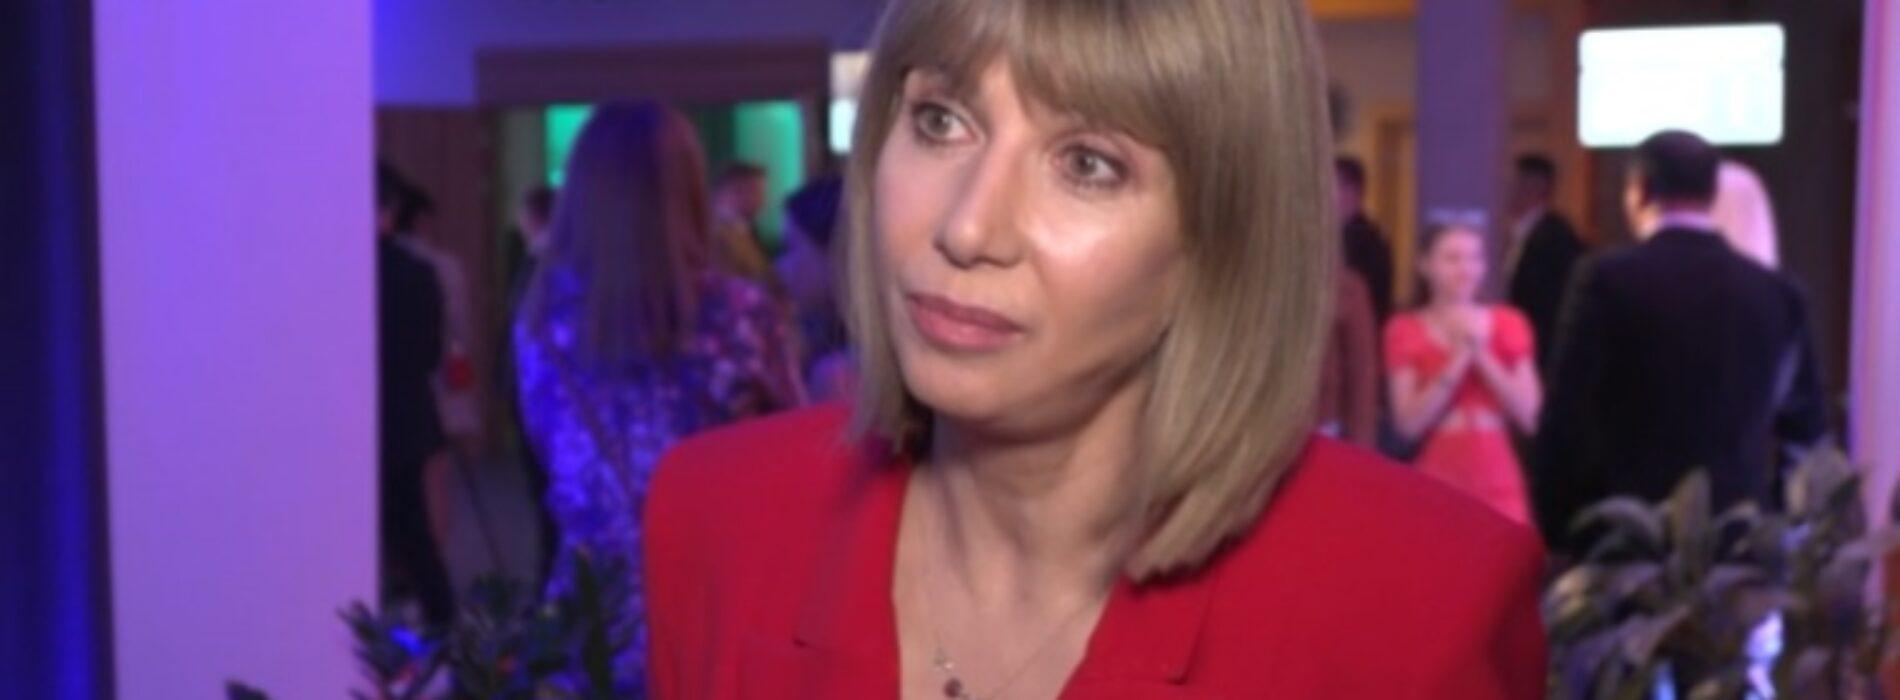 Grażyna Wolszczak: W Garnizonie Sztuki bardzo intensywnie pracujemy nad tym, żeby na jesieni odpalić trzy premiery